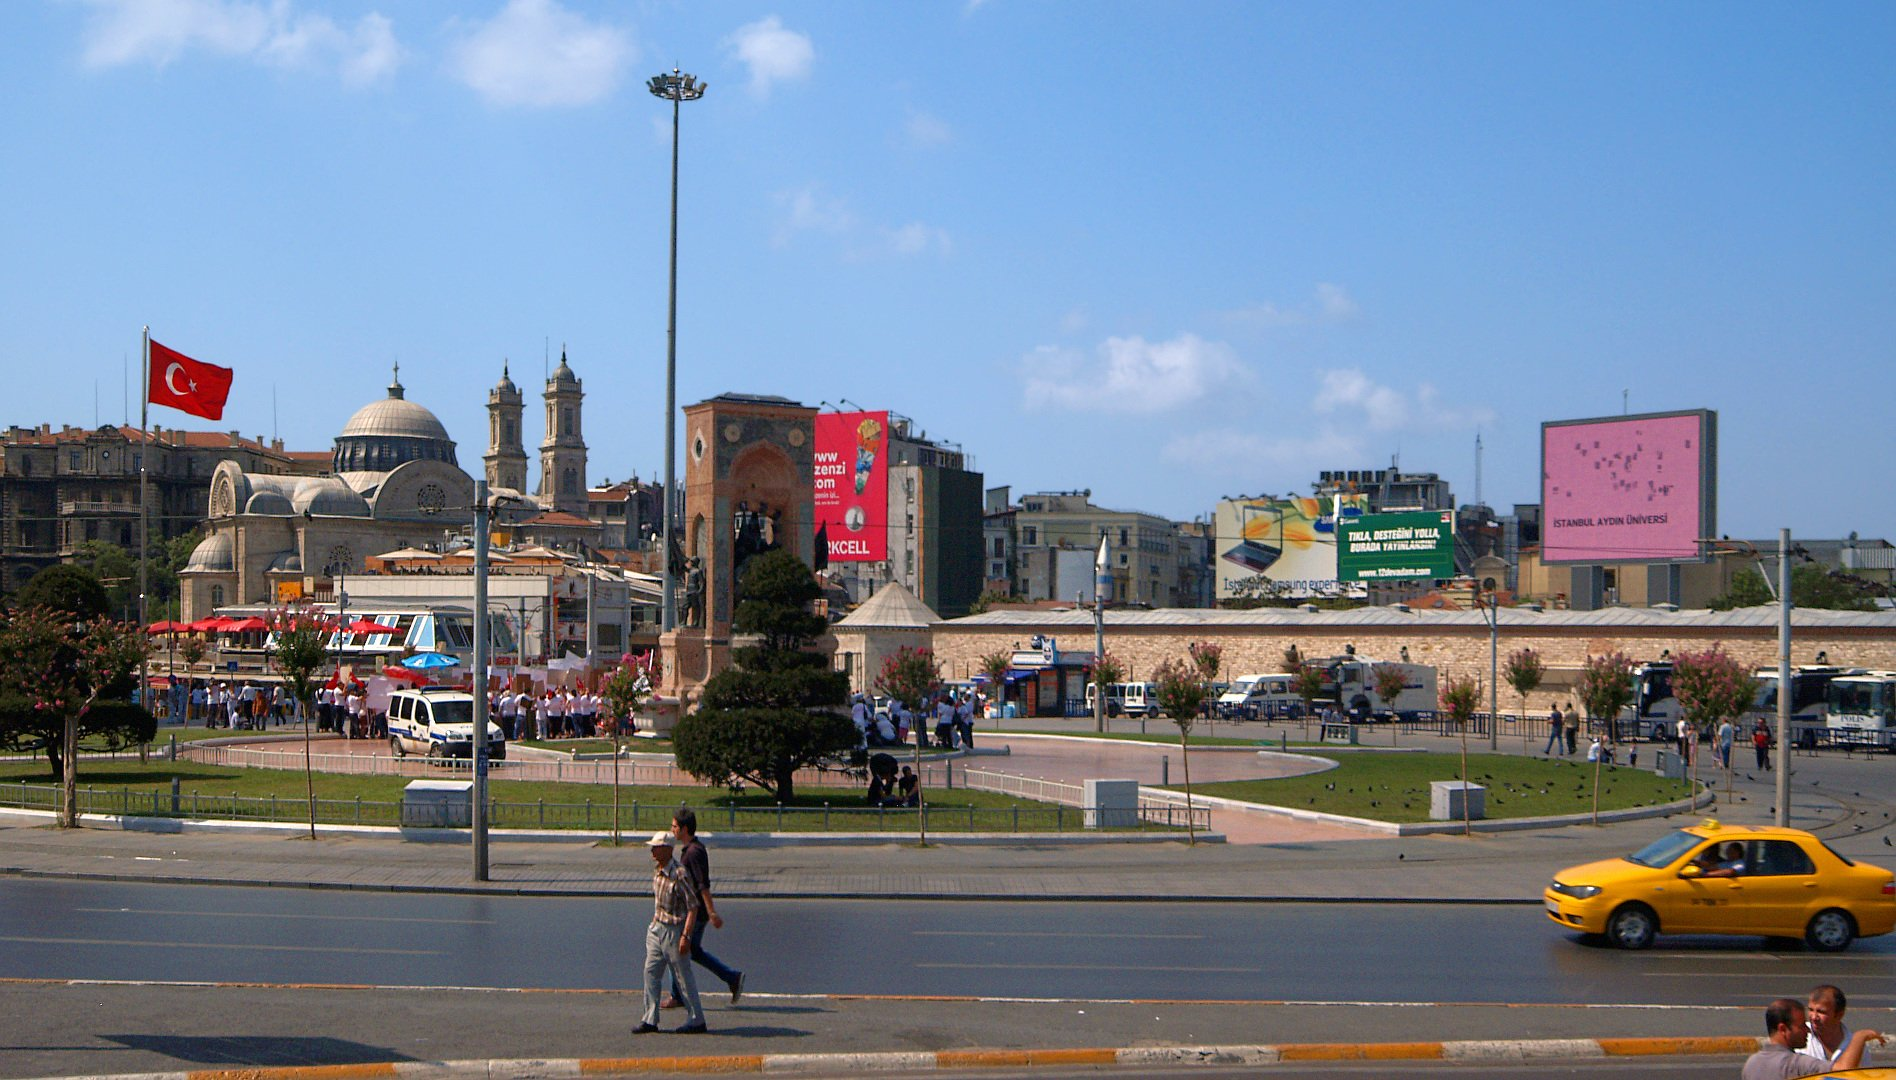 ميدان تقسيم أكثر الأماكن حيوية في اسطنبول، تعرفوا عليه 737365007